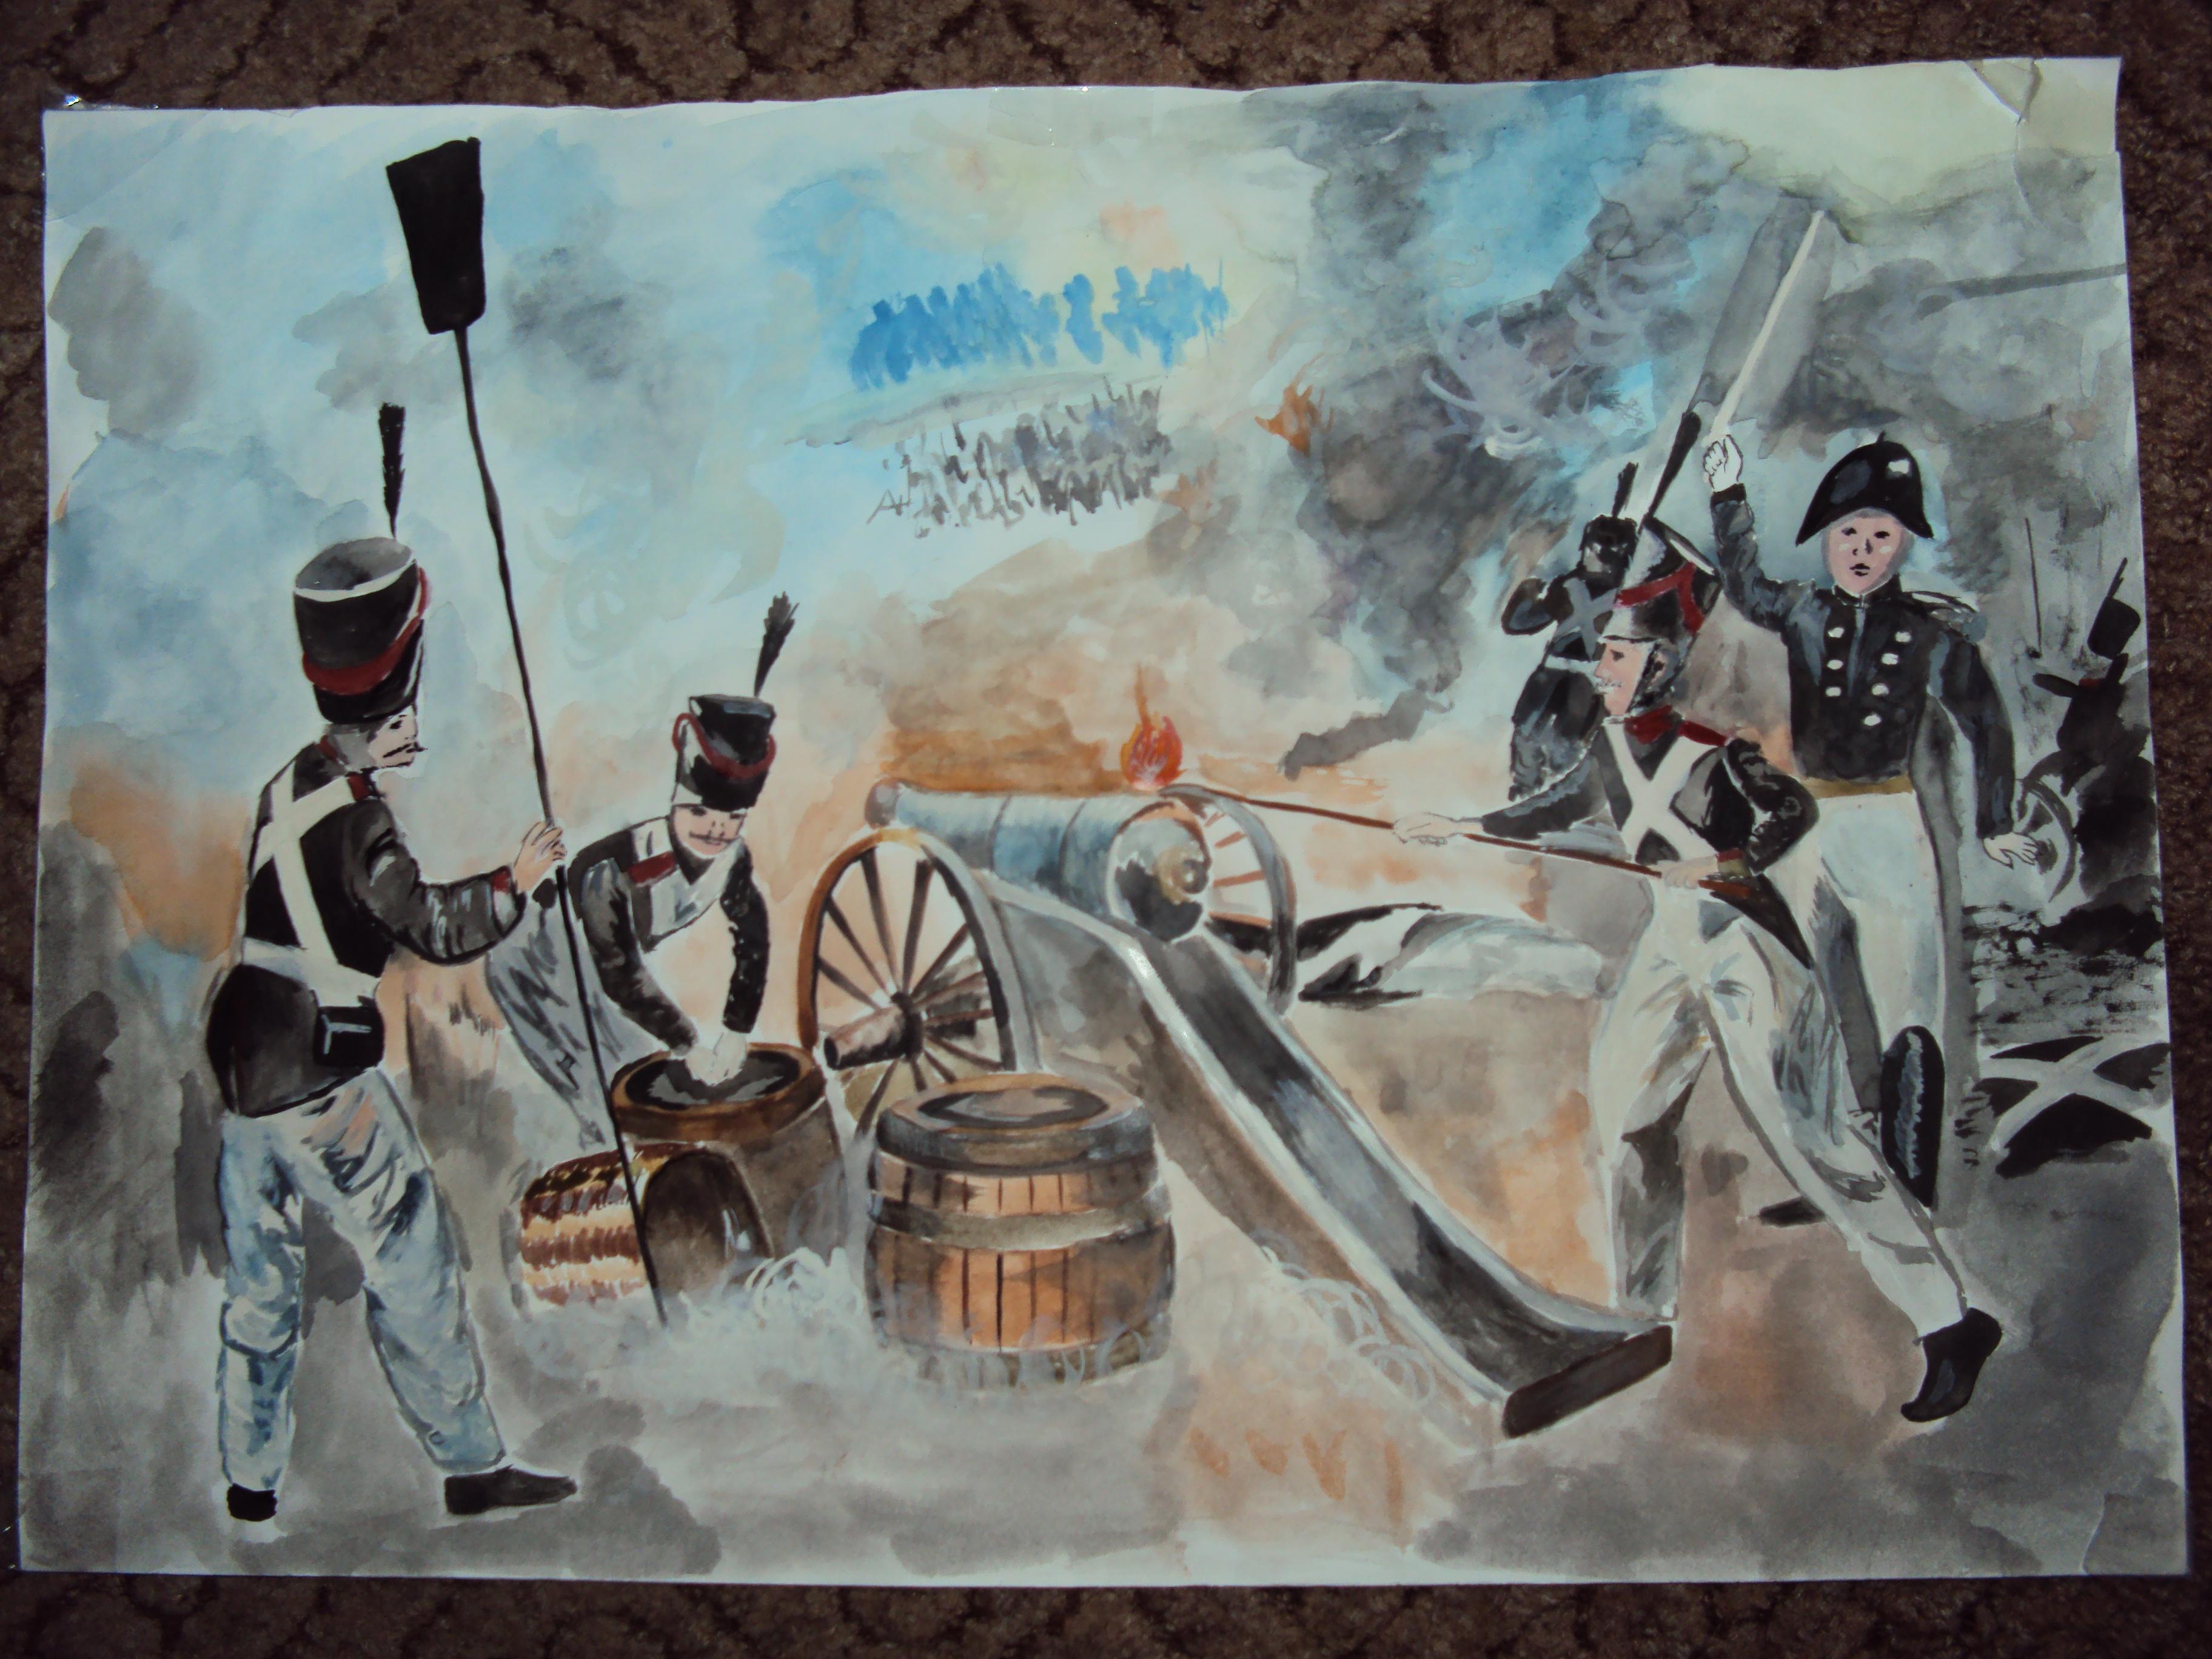 Рисунки бородинской битвы, бесплатные ...: pictures11.ru/risunki-borodinskoj-bitvy.html